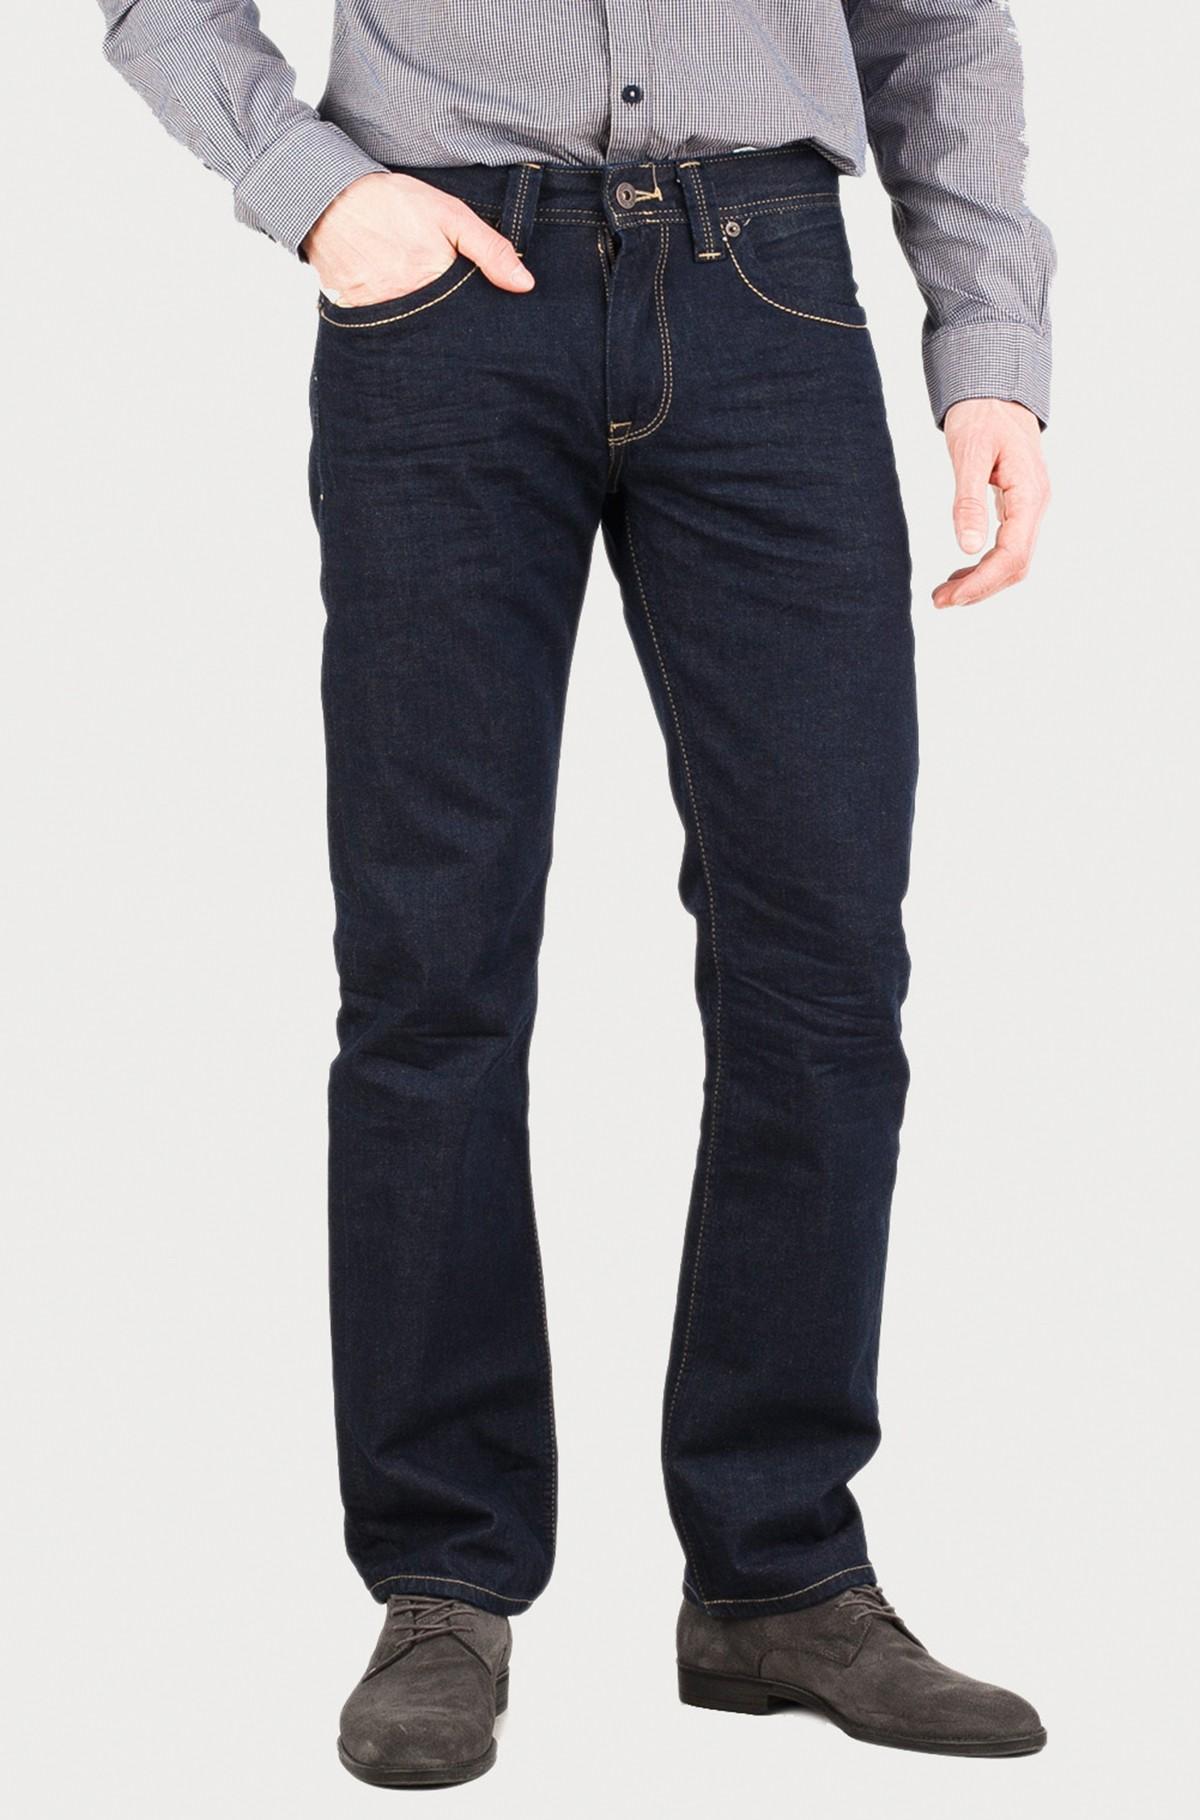 Jeans Kingston Zip-full-1